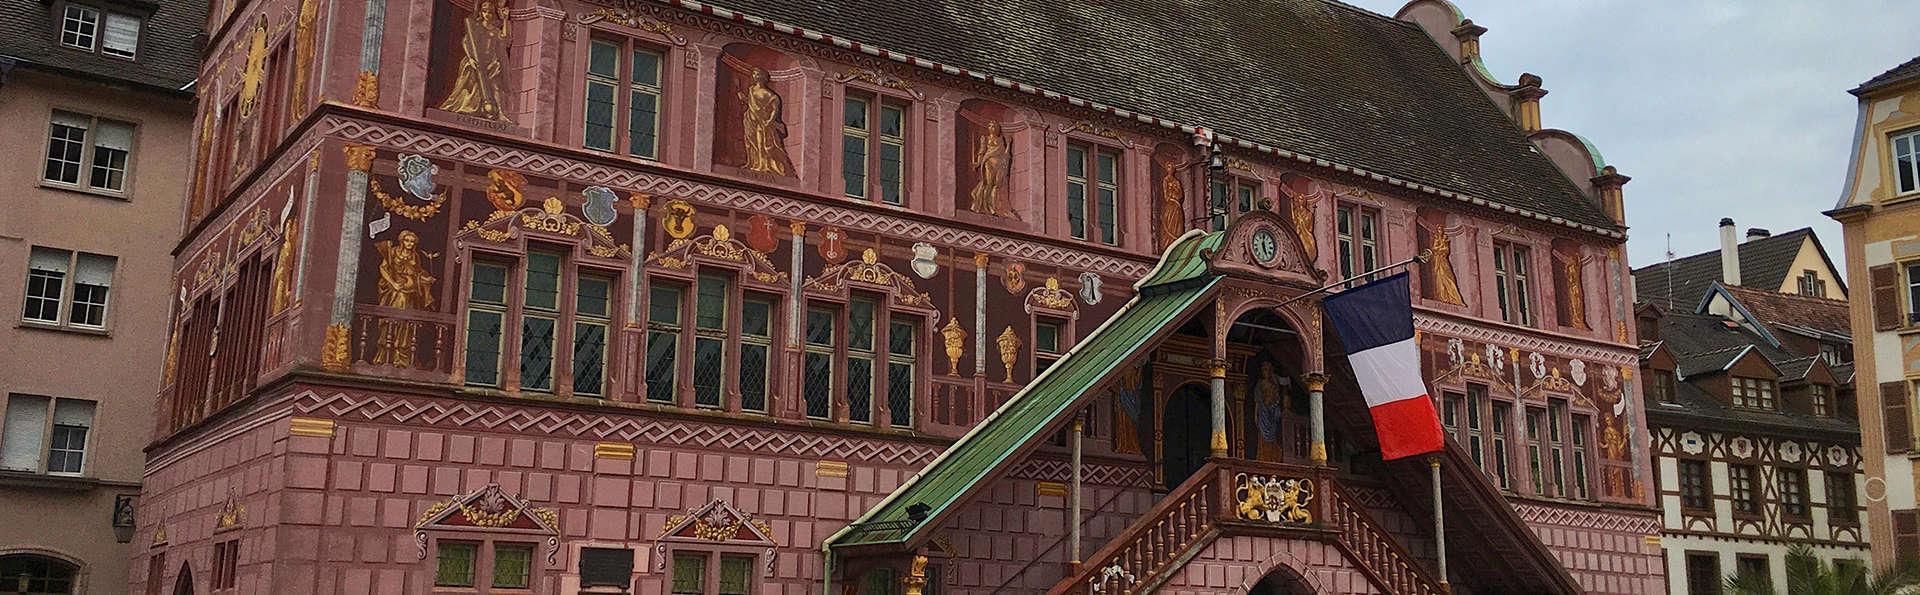 Hôtel Roi Soleil Mulhouse Kingersheim - Edit_Destination.jpg